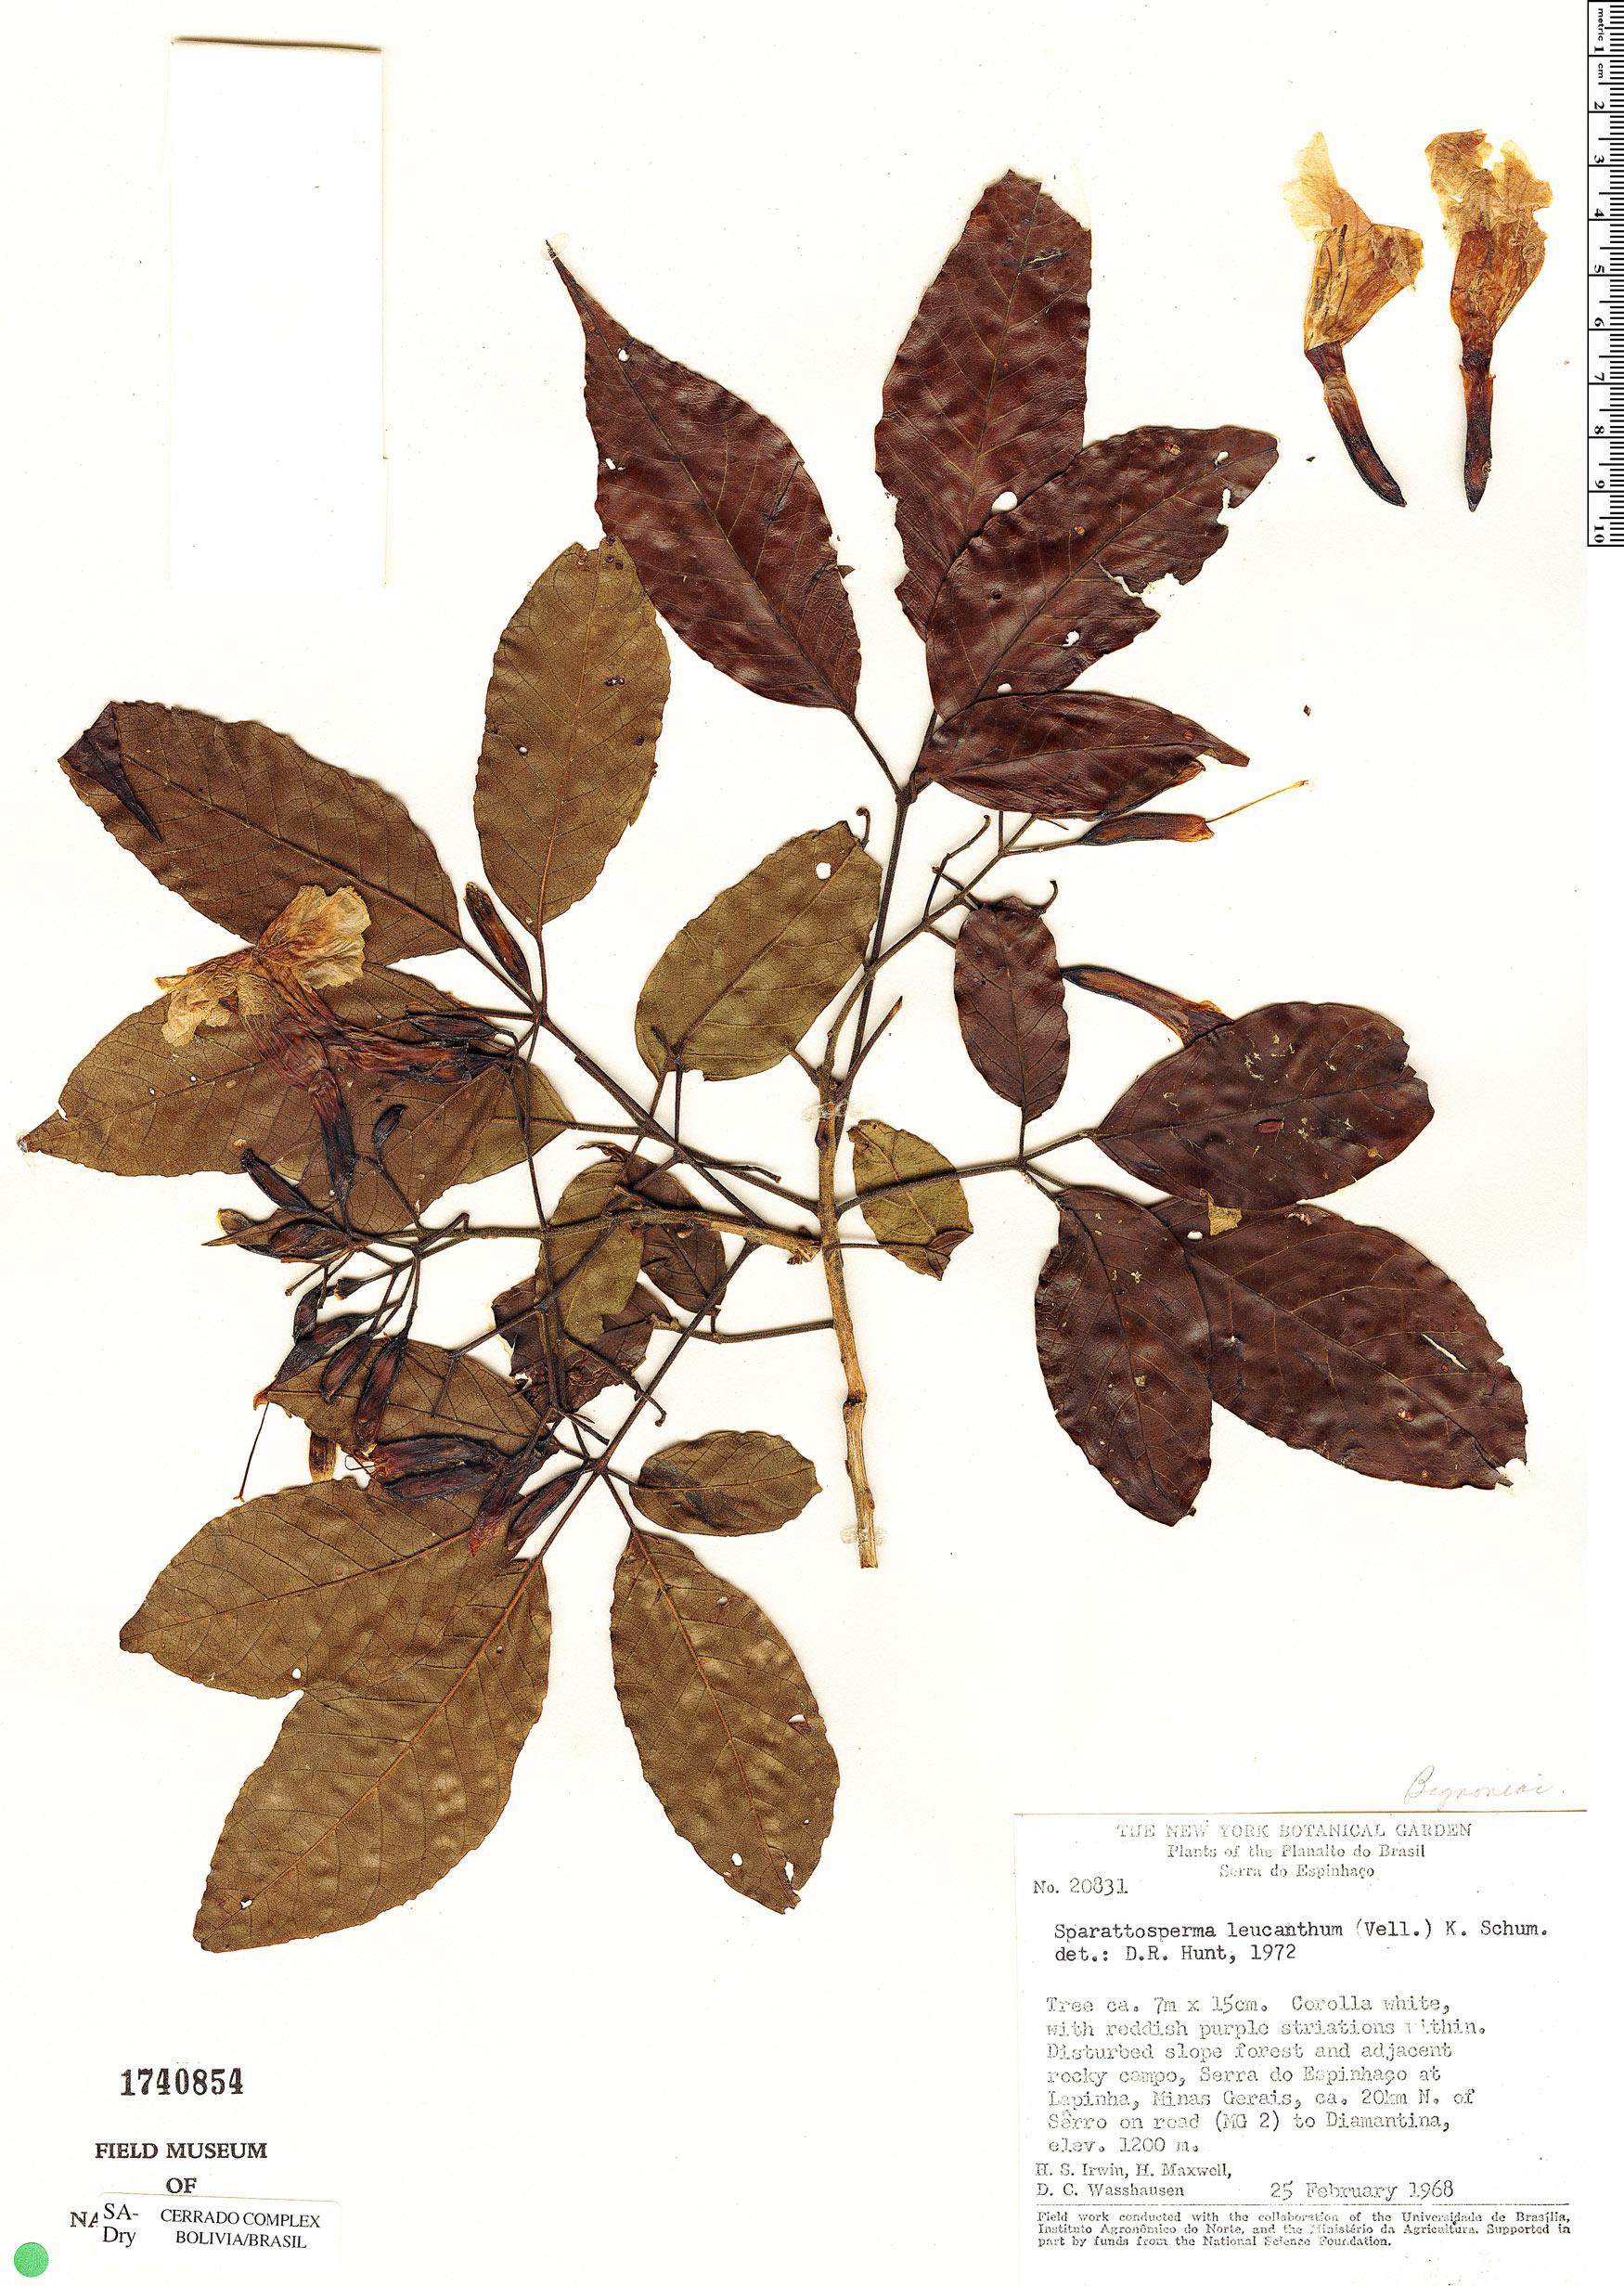 Specimen: Sparattosperma leucanthum